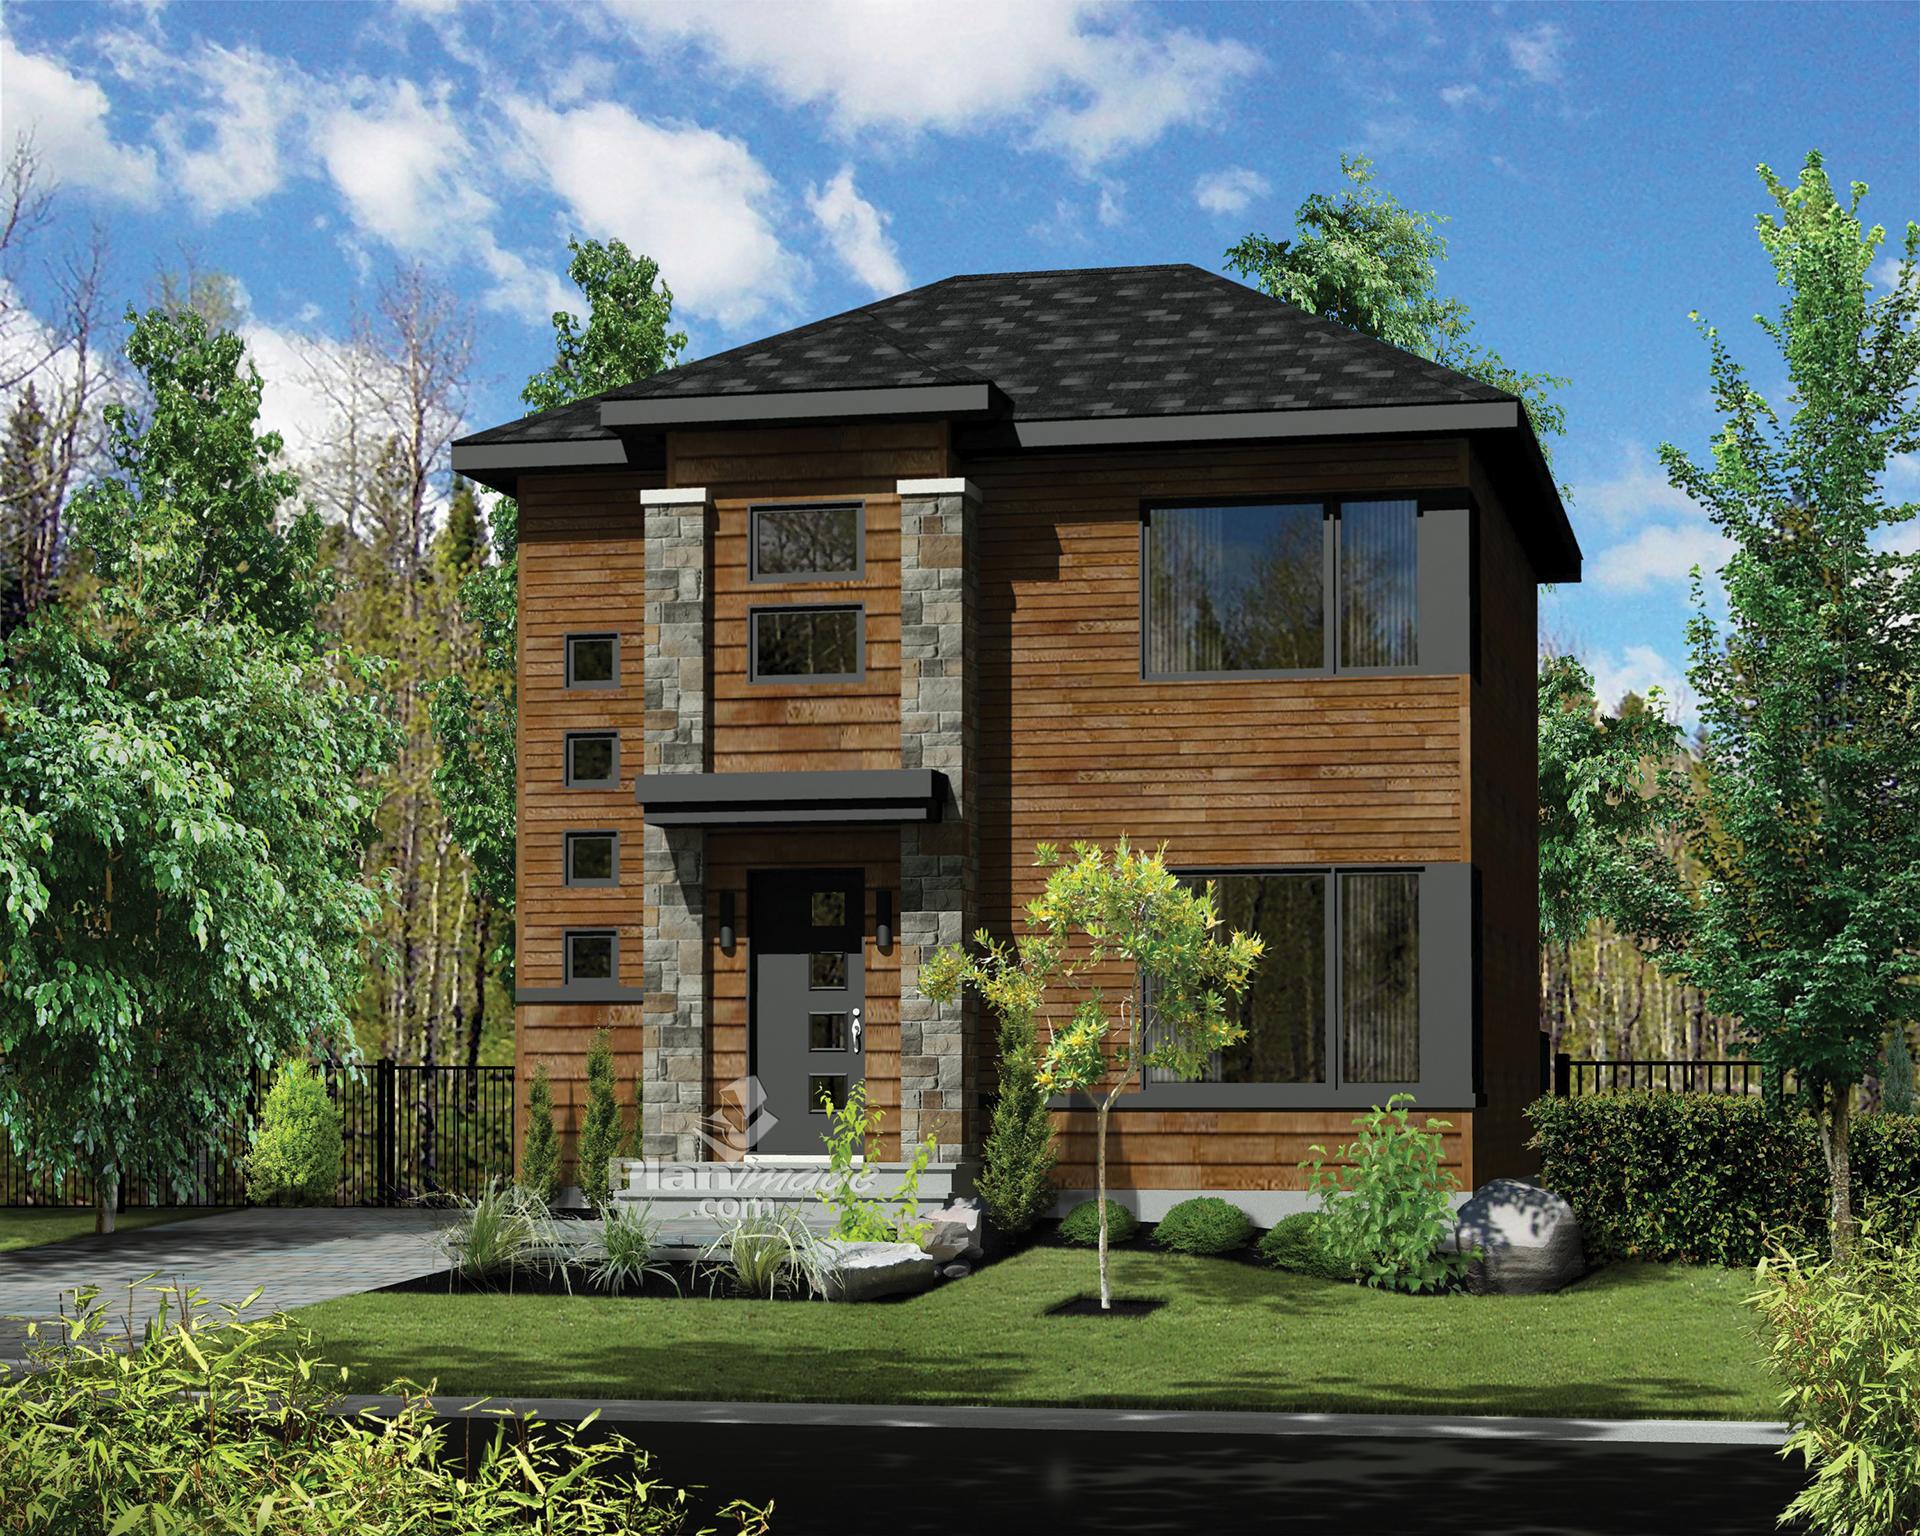 Maison neuve par habitations jlc l 39 h ritage for Habitation neuve